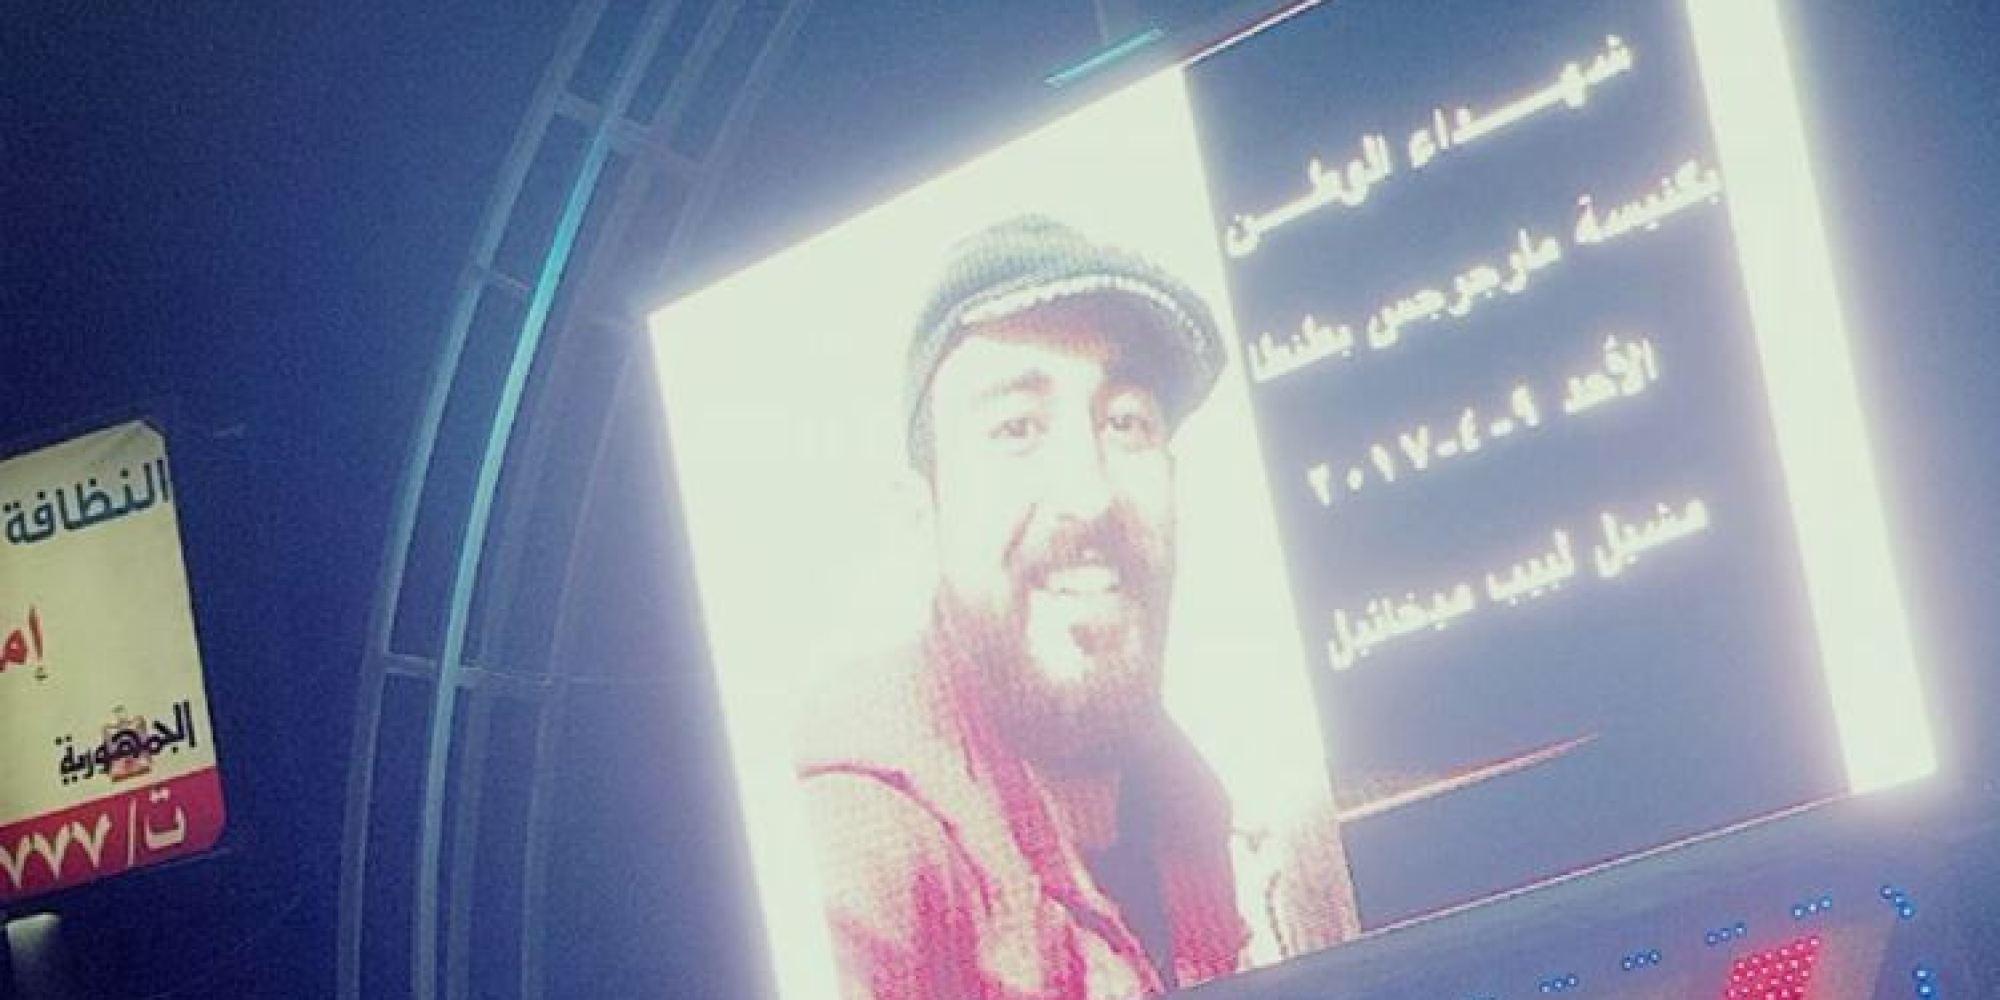 مصري يتفاجأ بصورته بين ضحايا تفجير كنيسة مارجرجس.. فكيف كانت ردة فعله؟